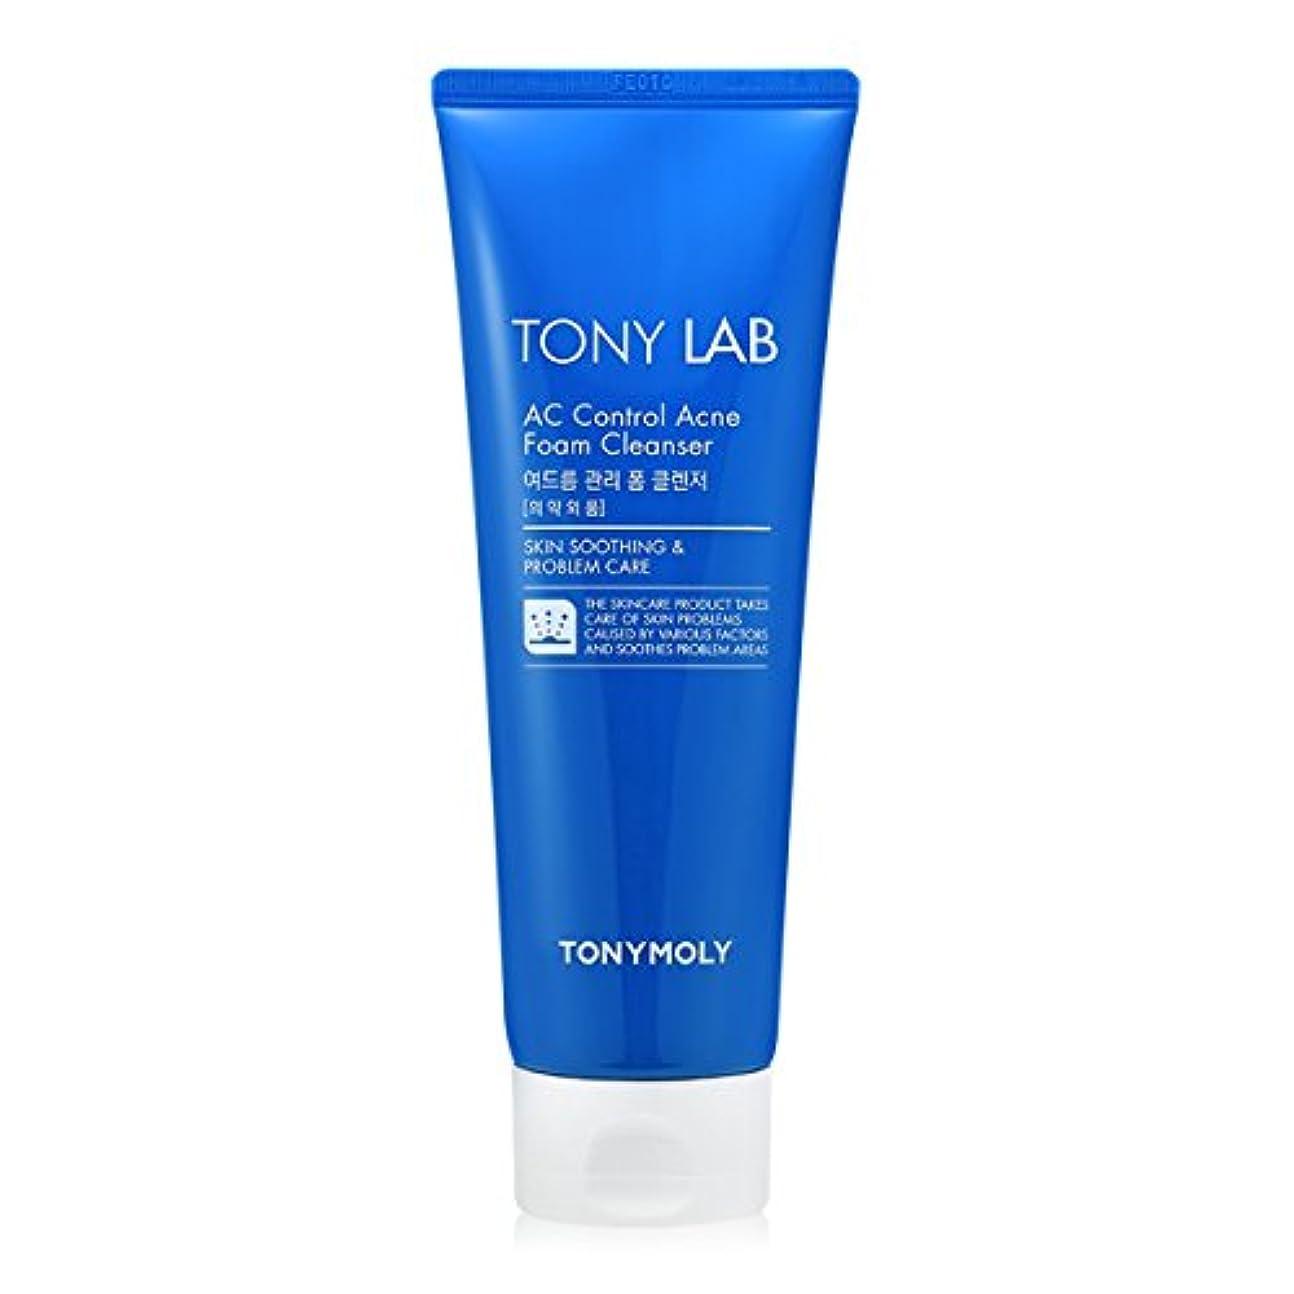 ダメージスラムファイバ[New] TONYMOLY Tony Lab AC Control Acne Foam Cleanser 150ml/トニーモリー トニー ラボ AC コントロール アクネ フォーム クレンザー 150ml